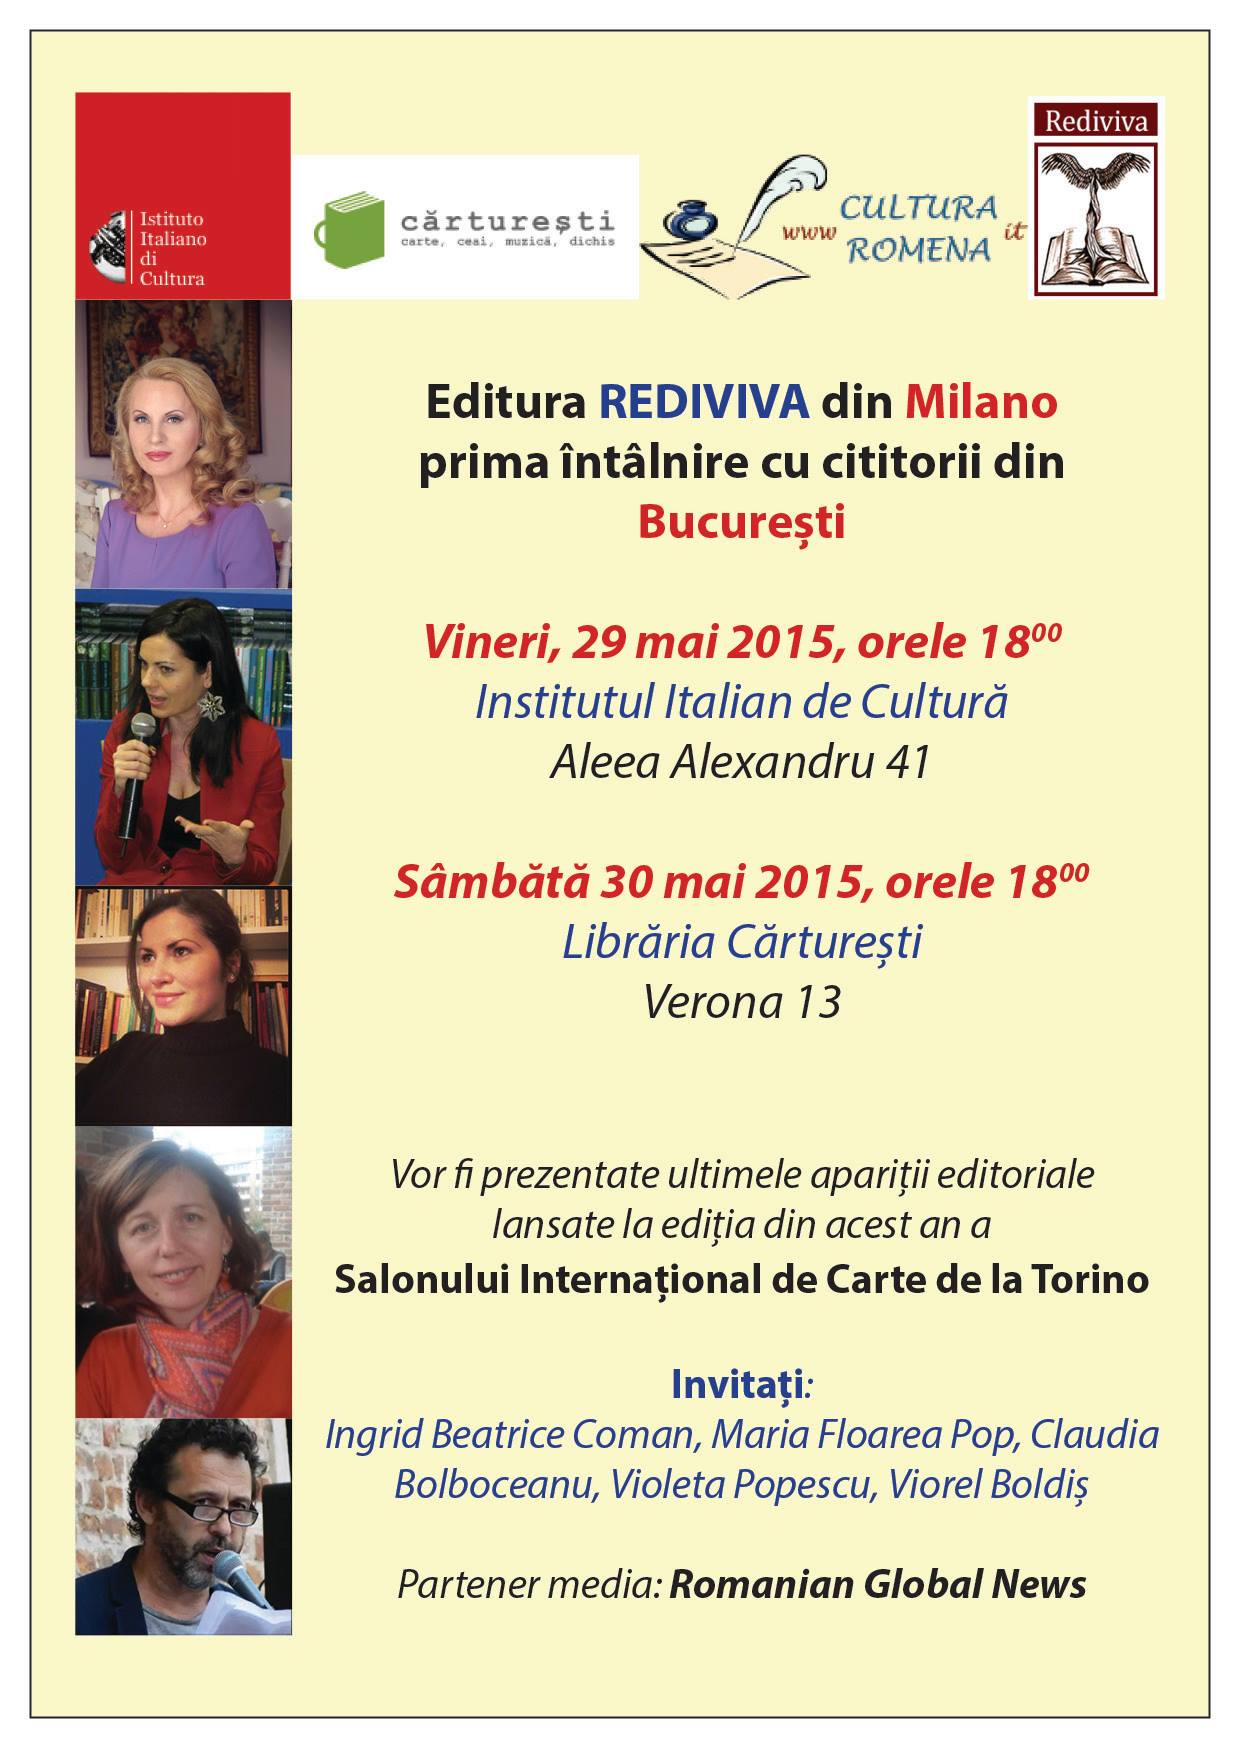 Editura Rediviva din Milano la prima sa întâlnire cu cititorii din București